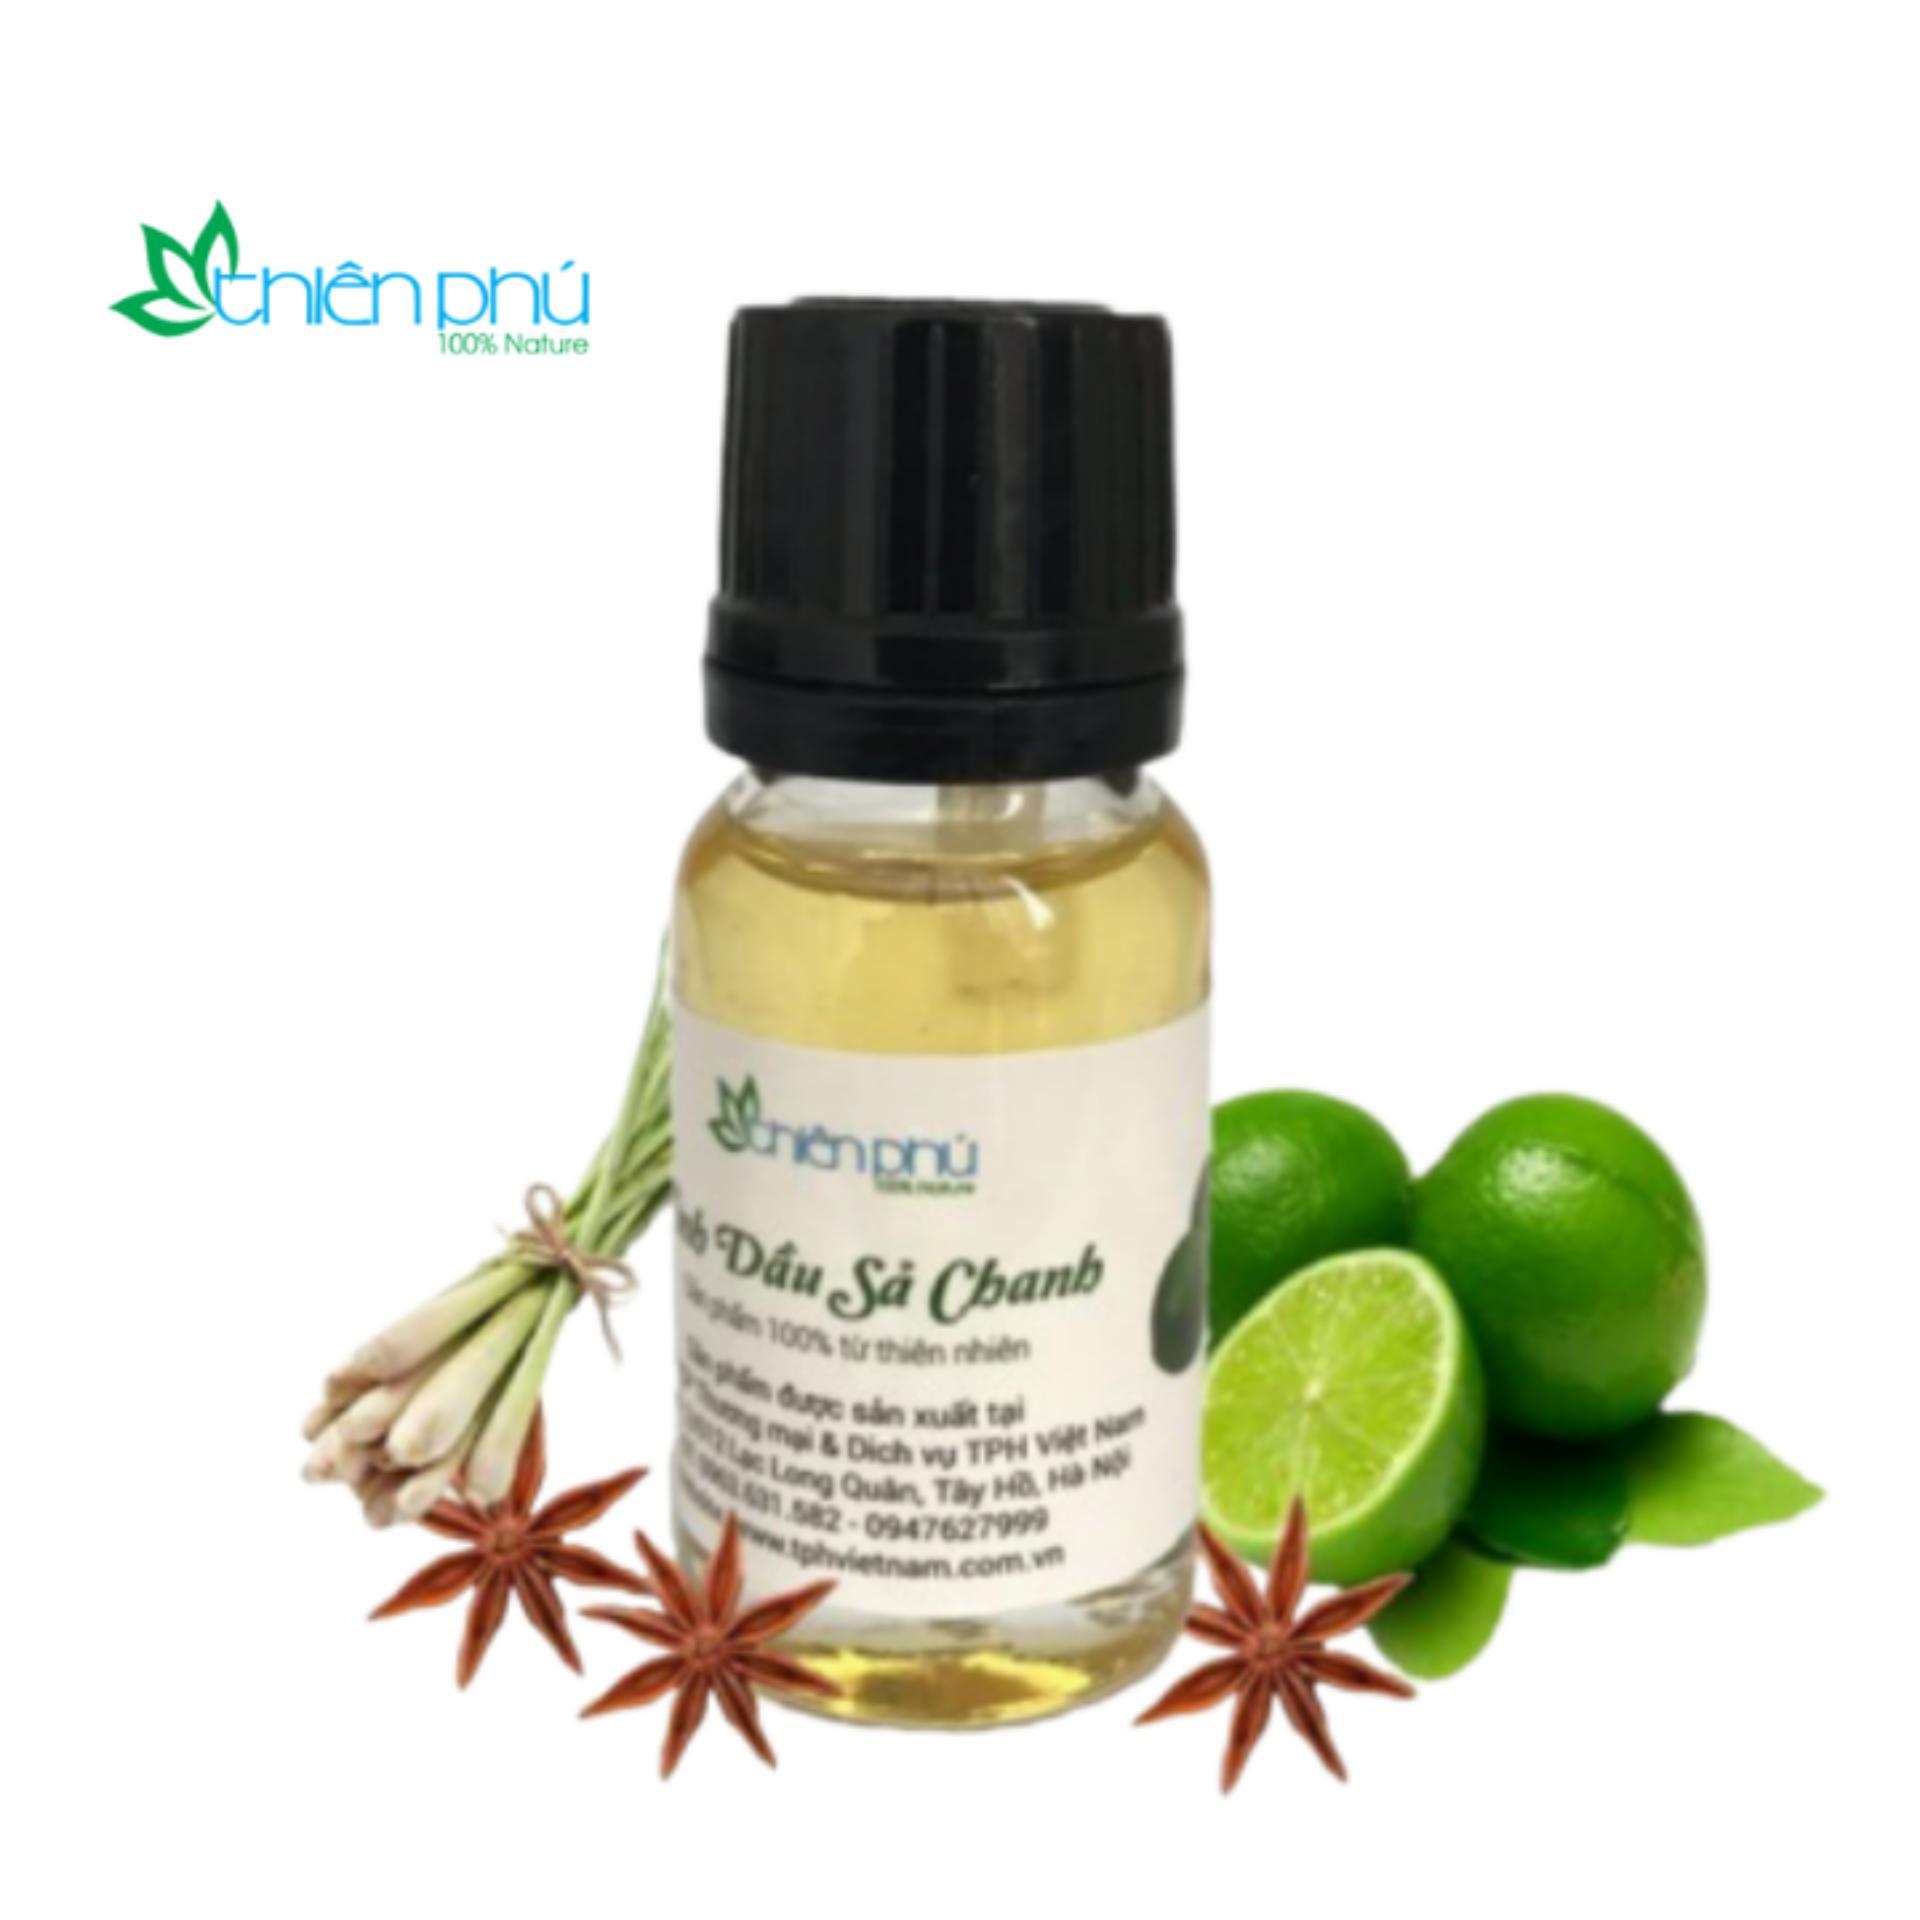 Tinh dầu sả chanh Thiên Phú 10ml- tinh dầu nguyên chất khử mùi,đuổi muỗi, đuổi côn trùng chính hãng